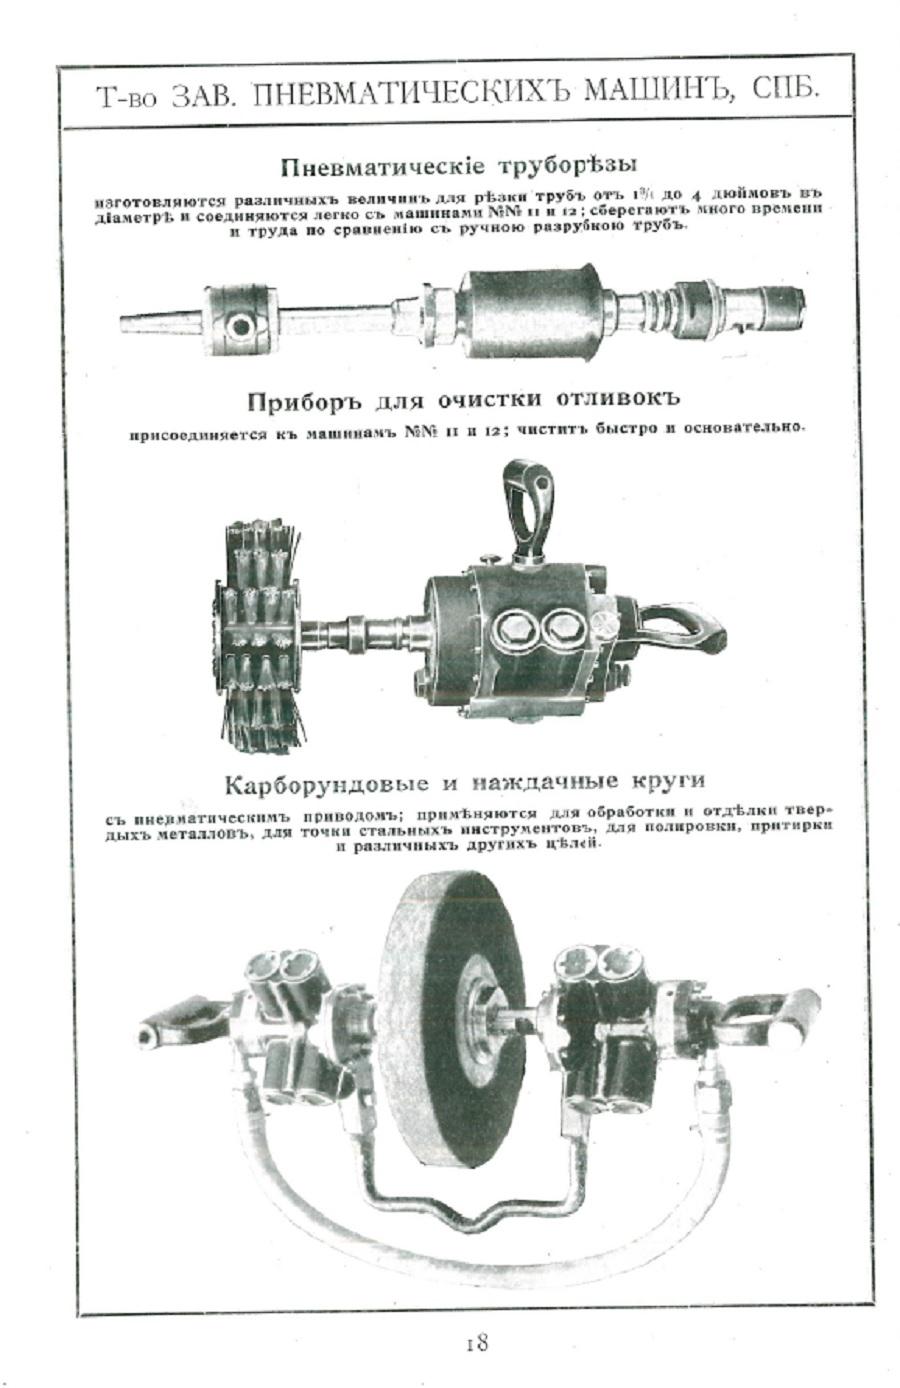 Каталог №11 Товарищества завода пневматических машин. стр 18